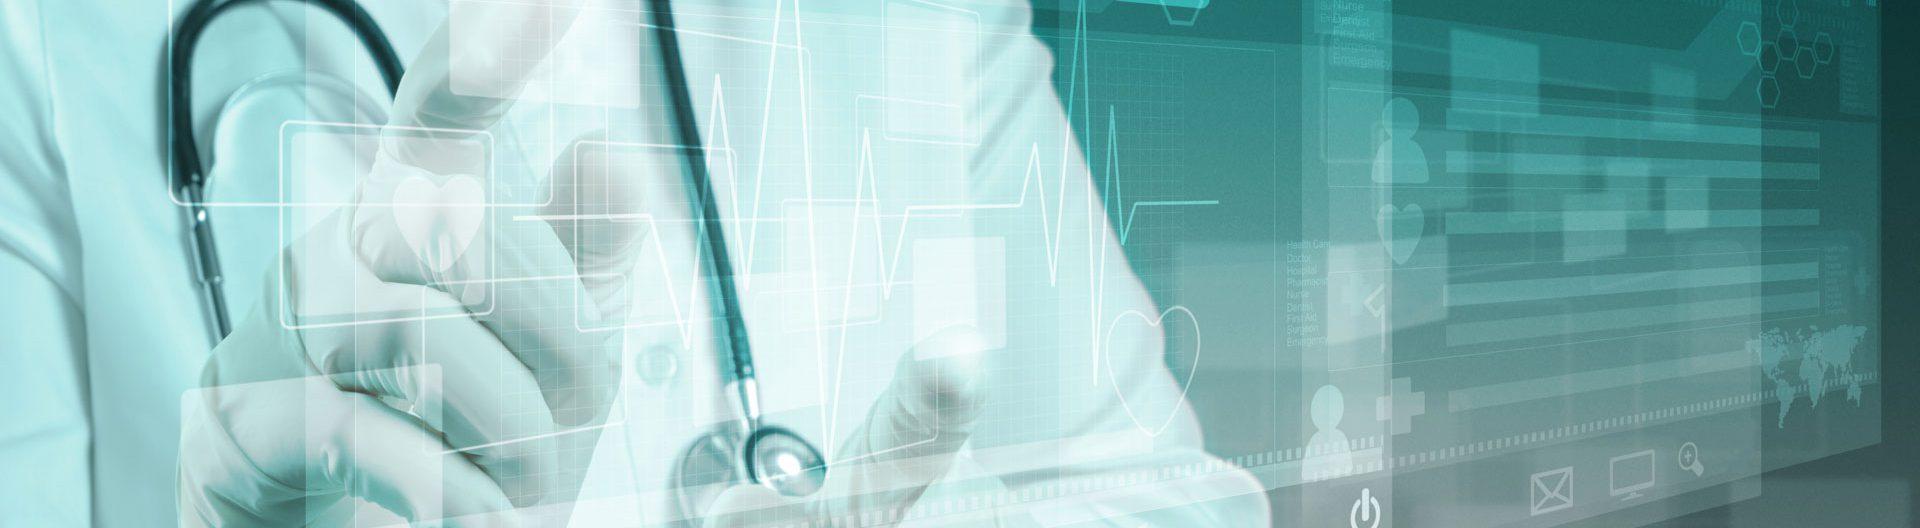 פרסום תיירות רפואית